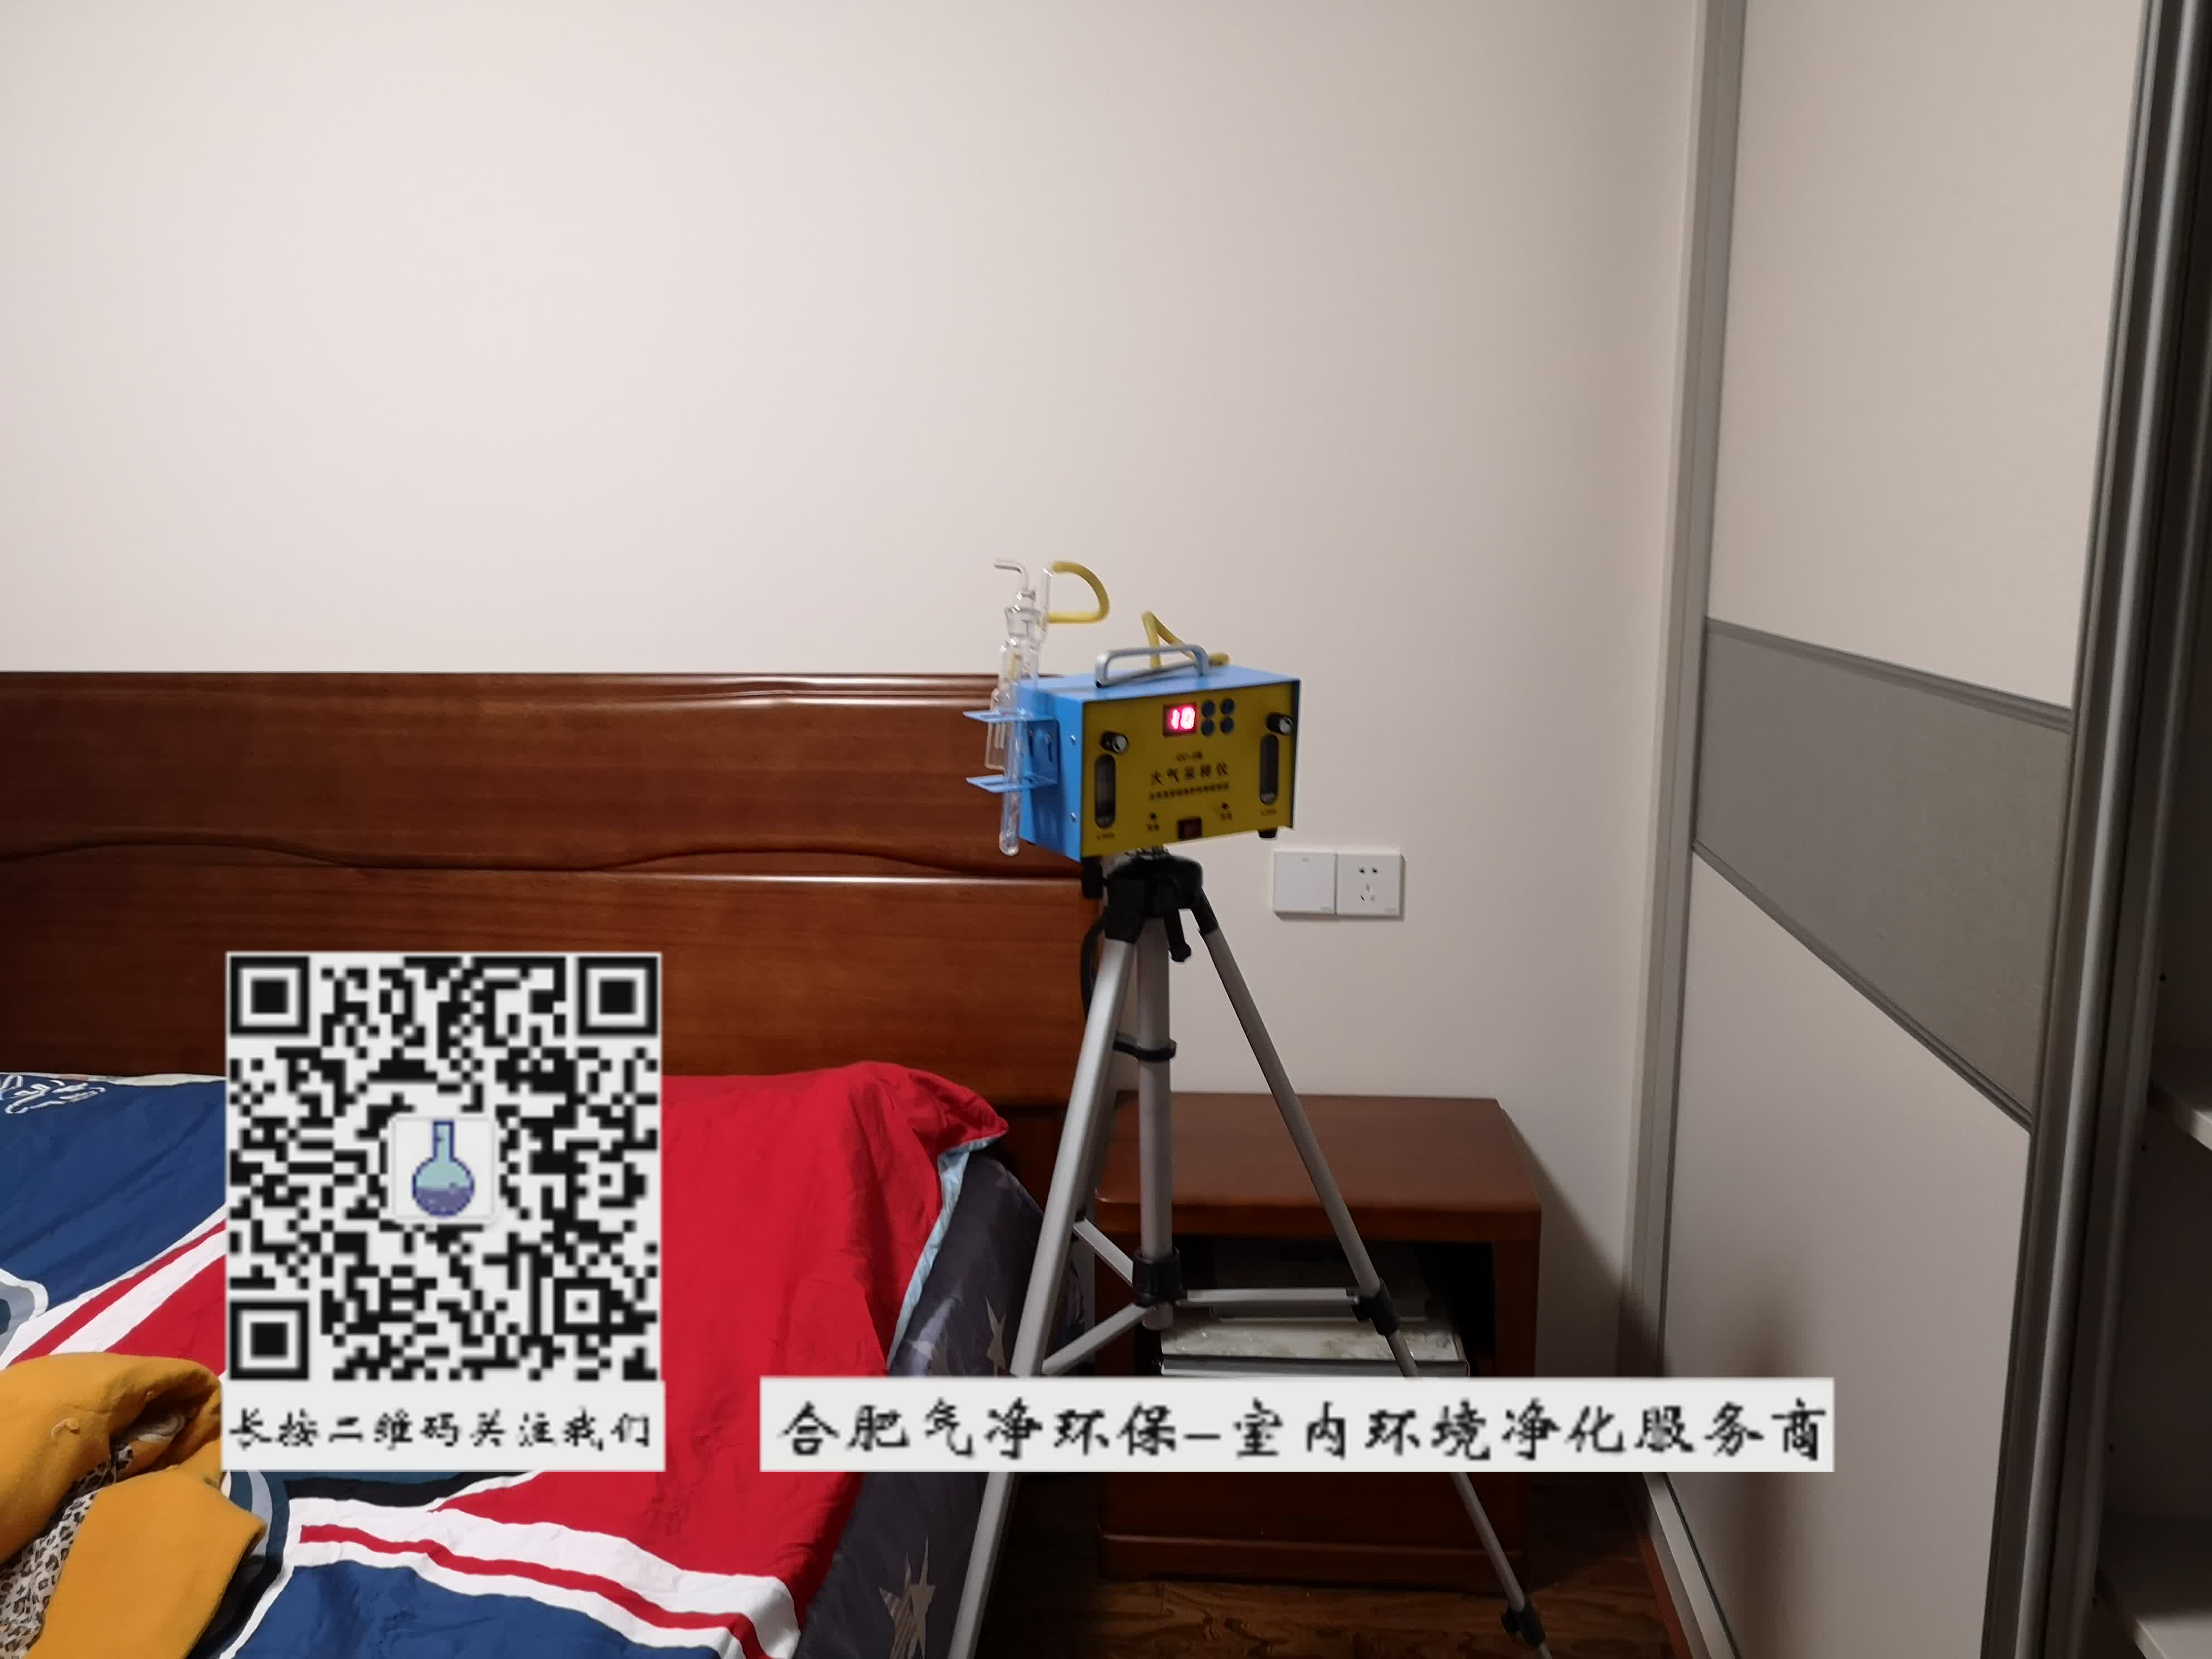 水印图片by水印王_20181009-103219237